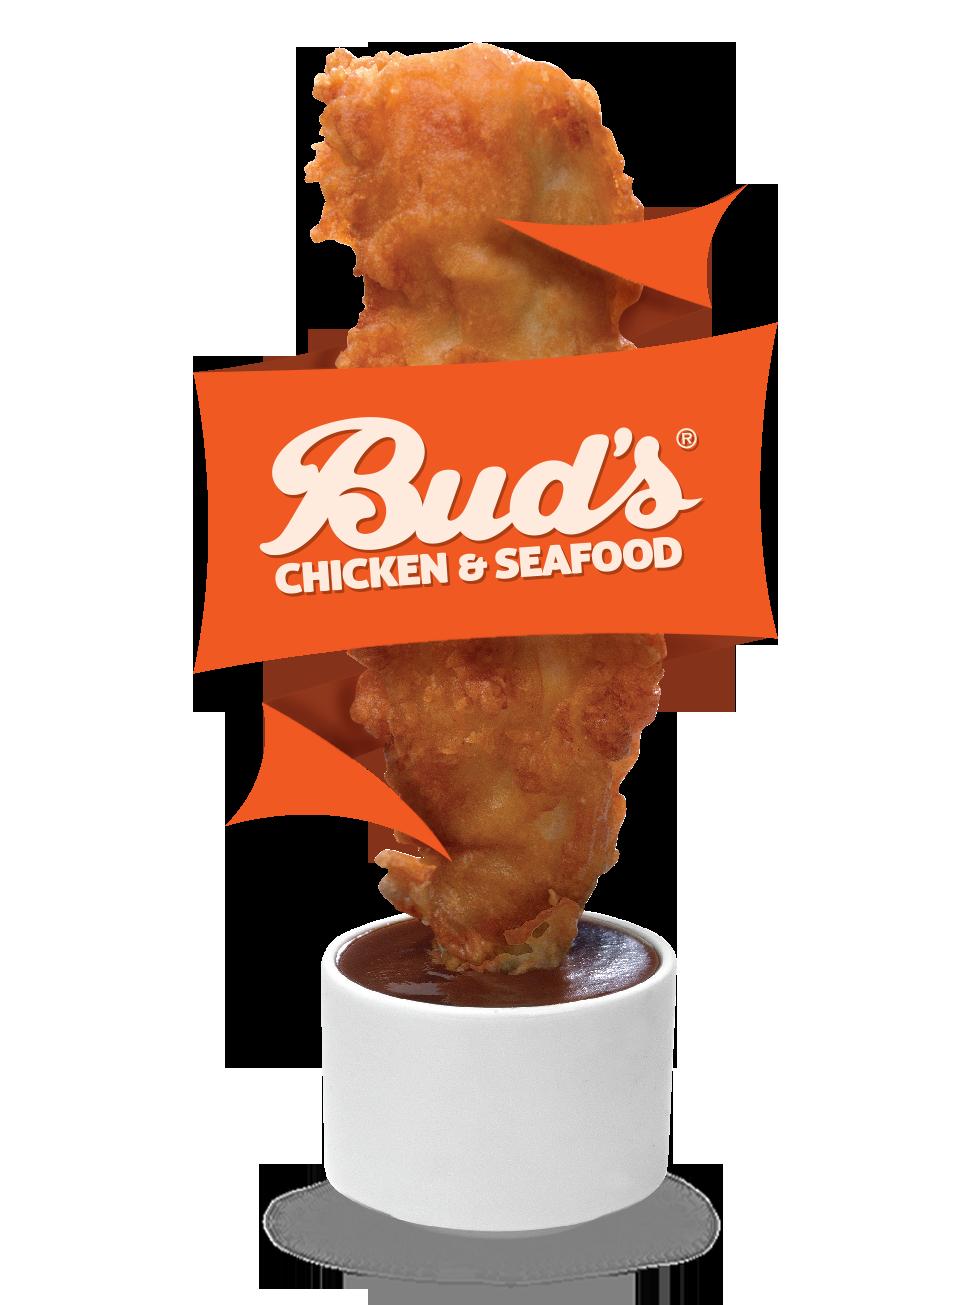 Bud's Chicken & Seafood - Chicken finger